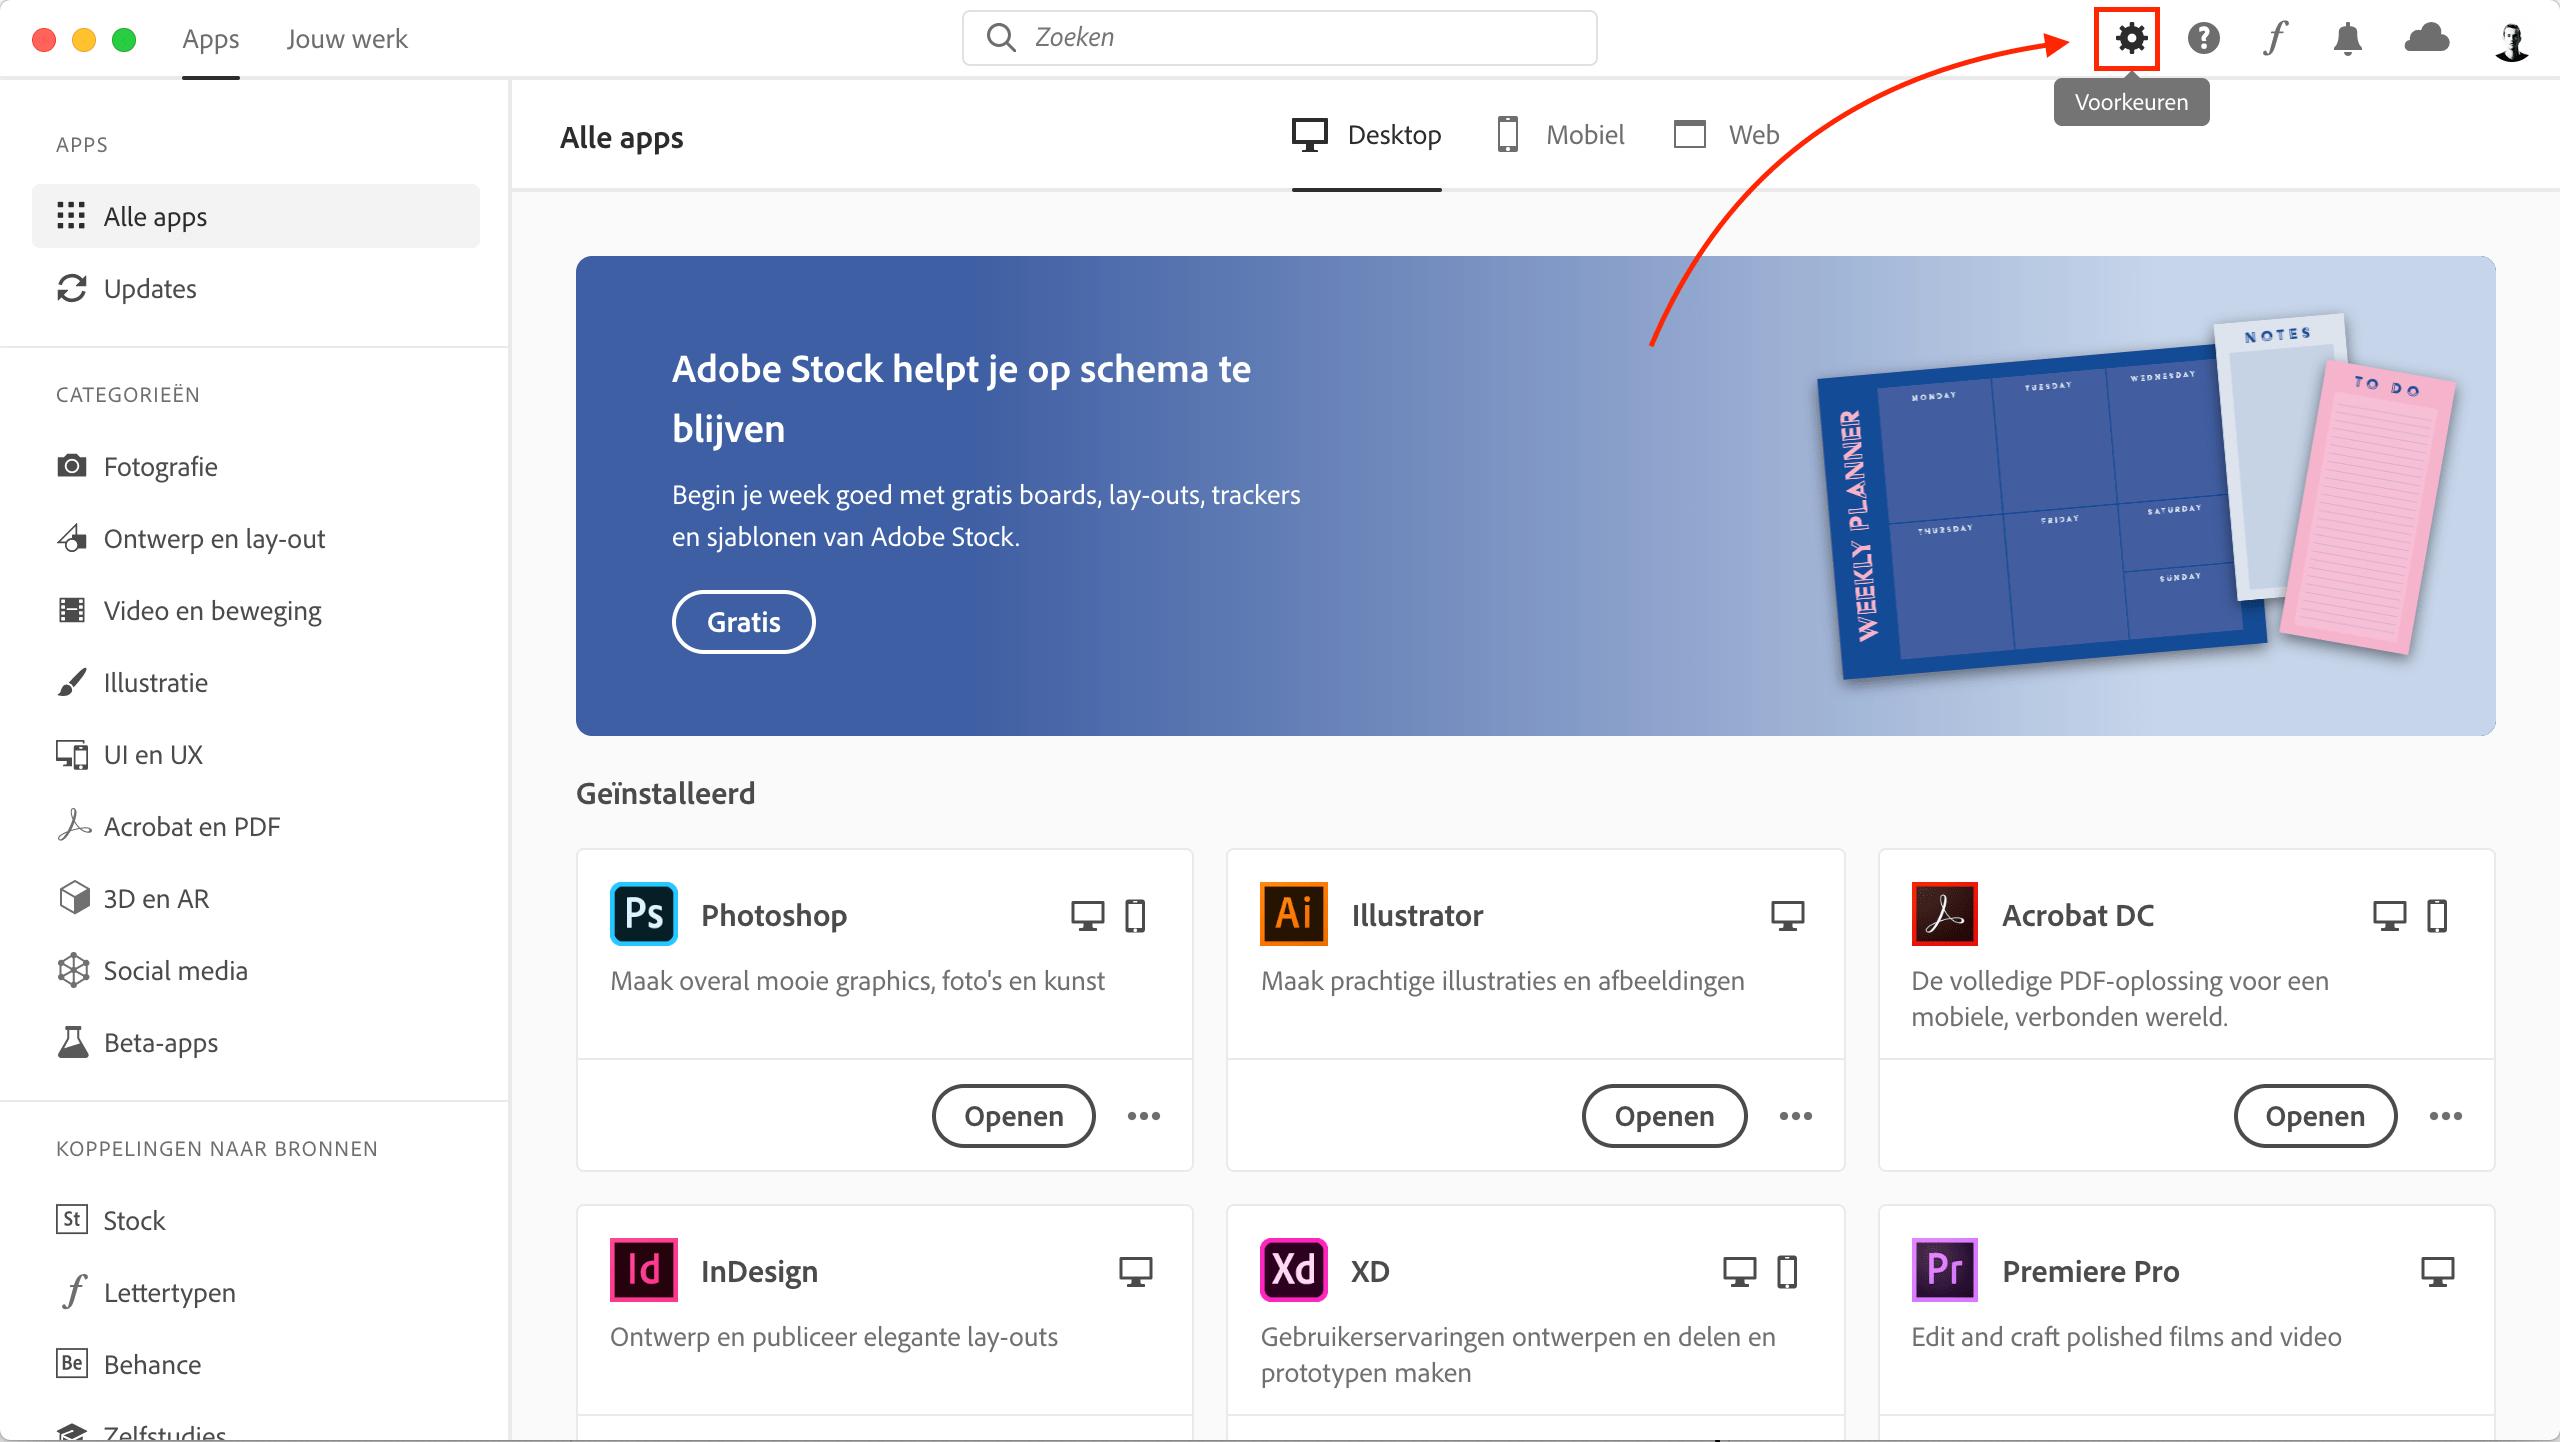 Open de Creative Cloud voorkeuren